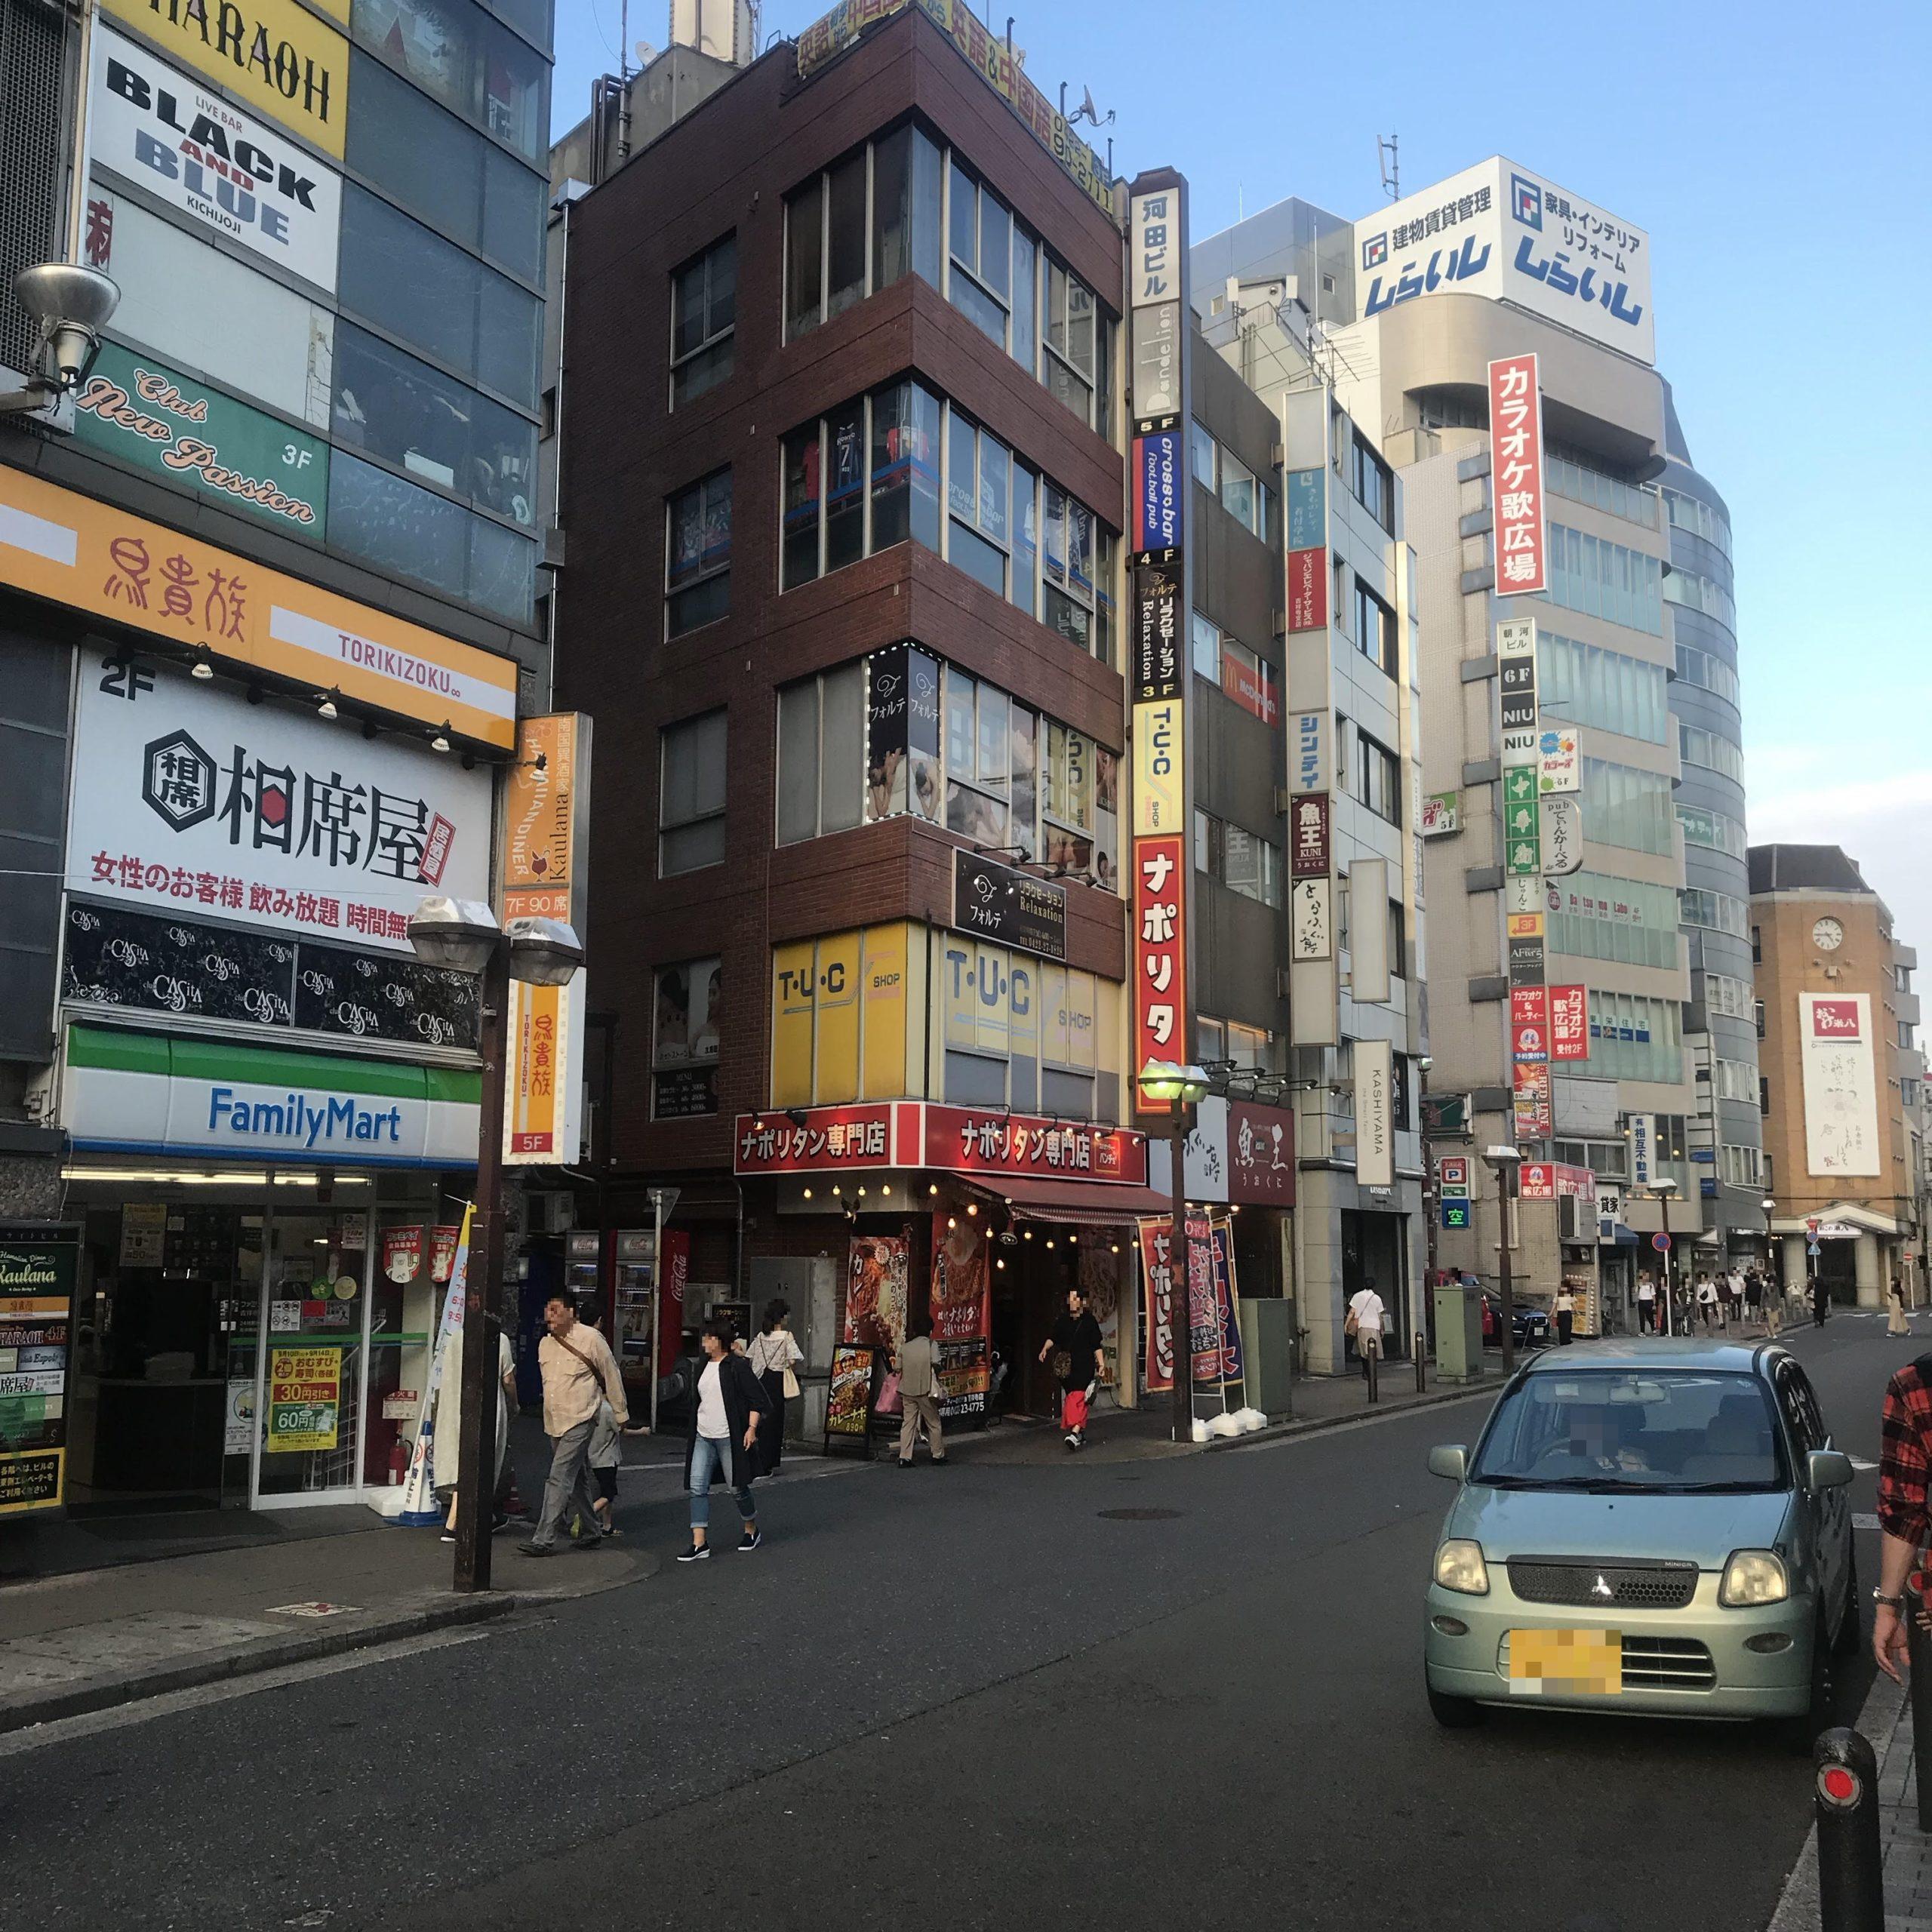 ファミリーマートやナポリタン専門店の前を通ります。